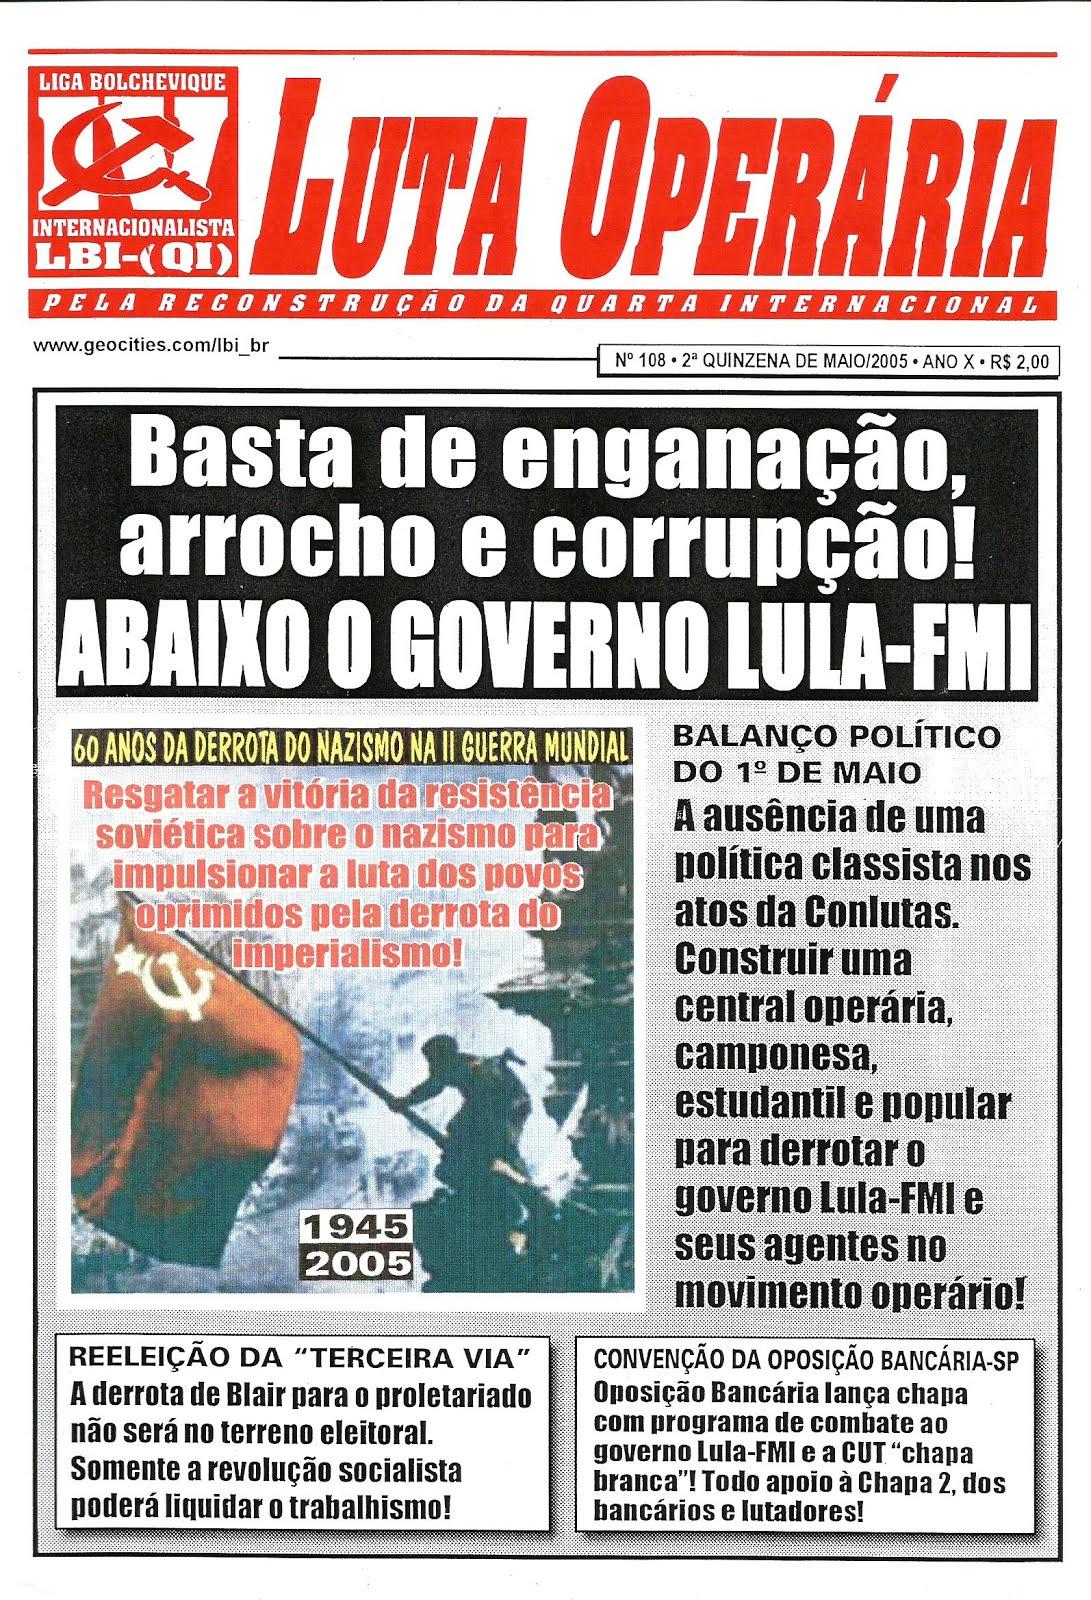 LEIA A EDIÇÃO DO JORNAL LUTA OPERÁRIA Nº 108, 2ª QUINZ. DE MAIO/2005